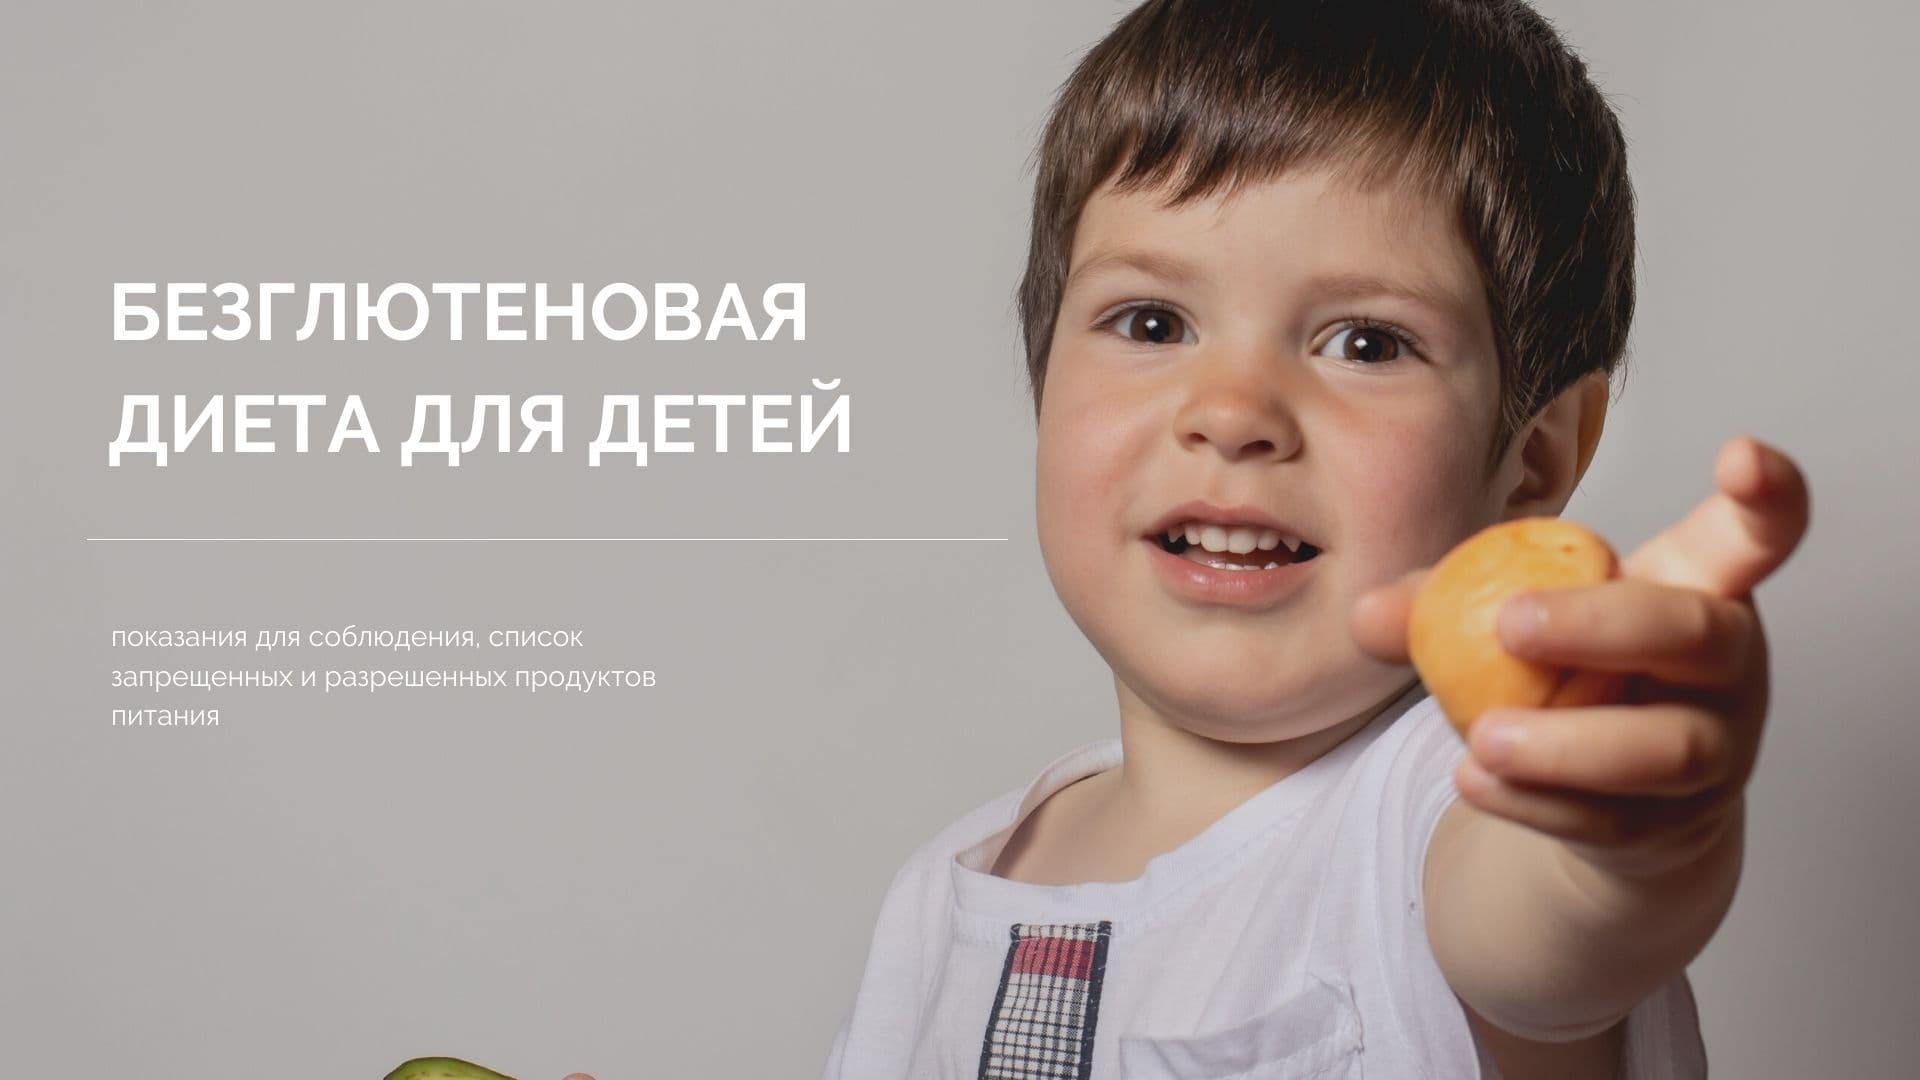 Безглютеновая диета для детей: показания для соблюдения, список запрещенных и разрешенных продуктов питания